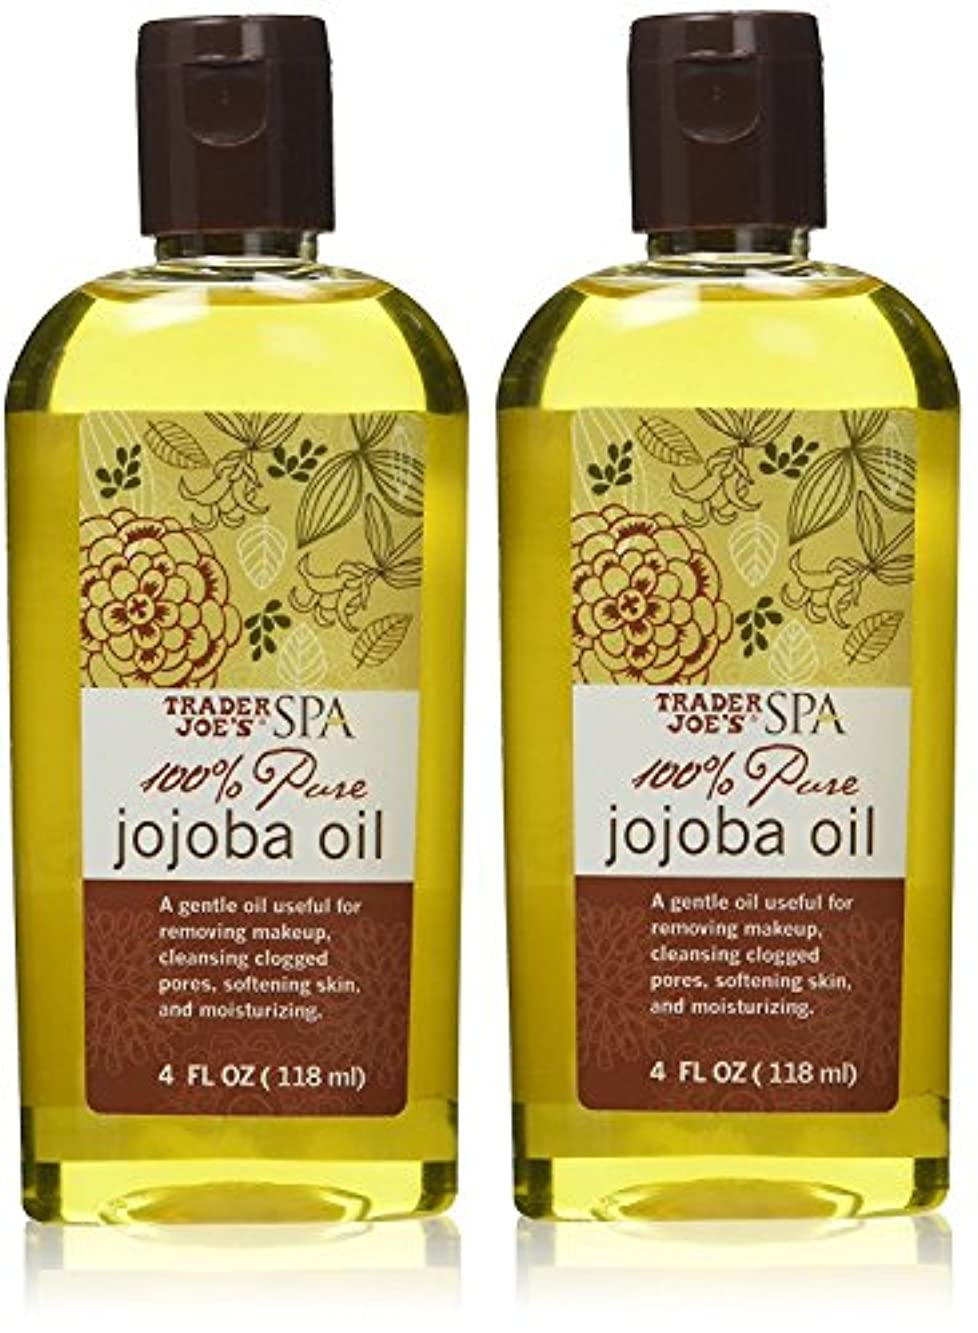 遺伝子四慢トレーダージョーズ 100%ピュア ホホバオイル【2個セット】 [並行輸入品] Trader Joe's SPA 100% Pure Jojoba Oil (4FL OZ/118ml)